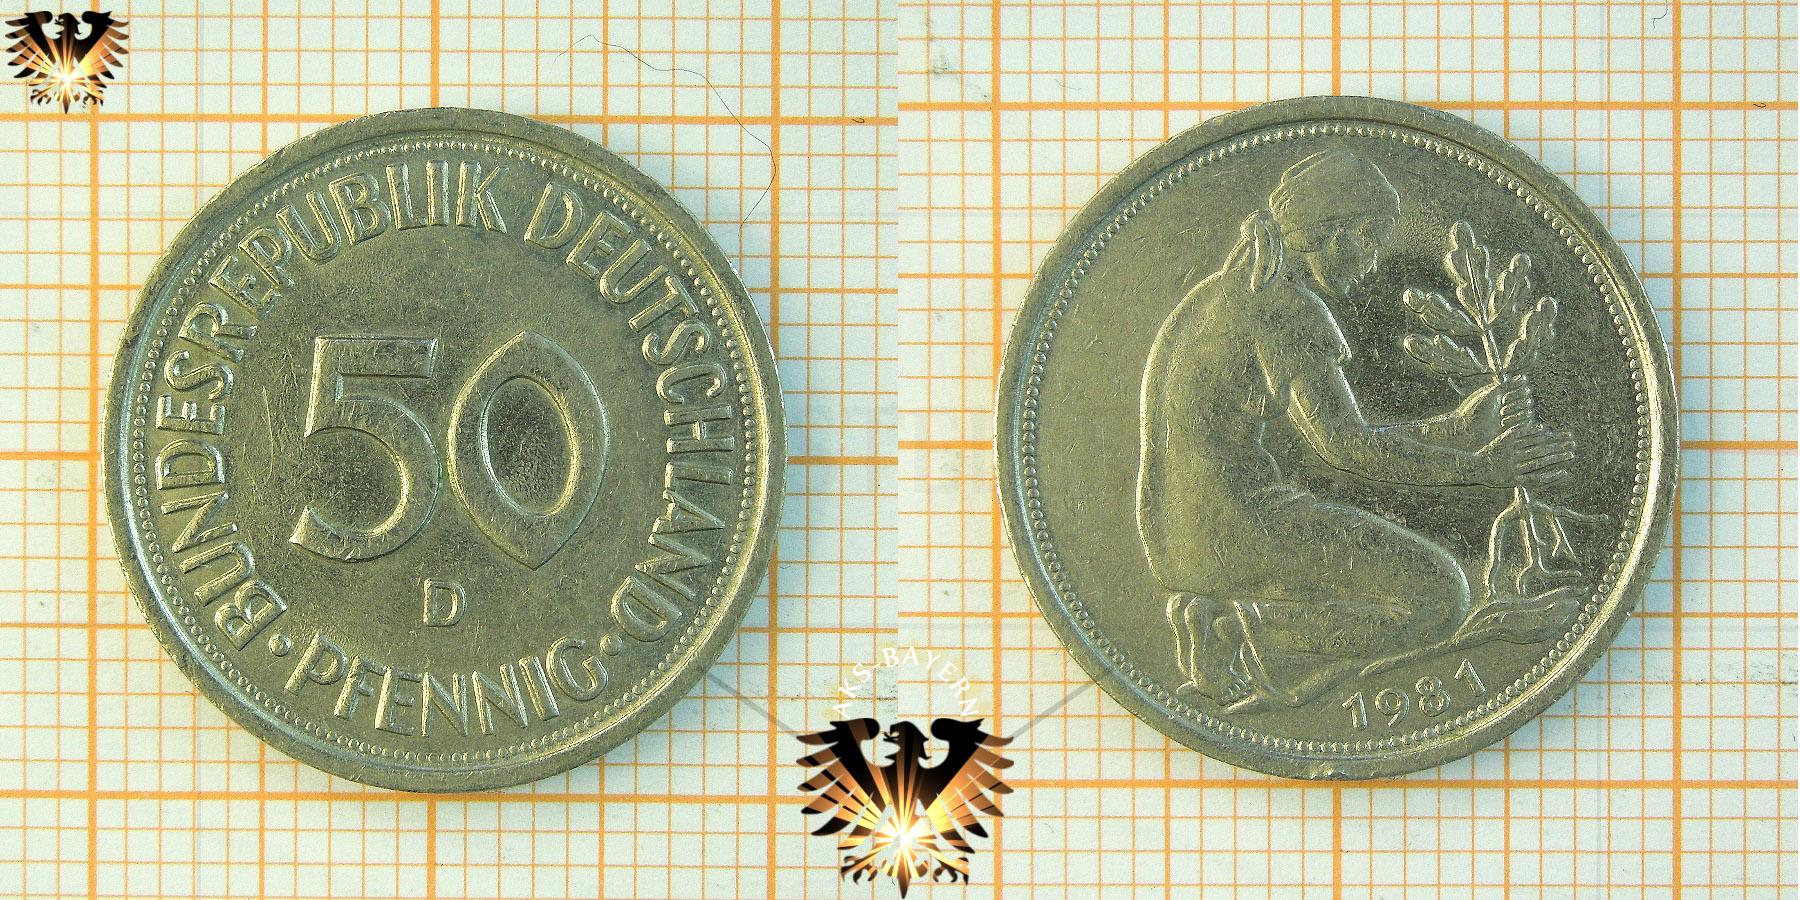 50 Pfennig Bank Deutscher Länder 1950 Und 1949 Nominal